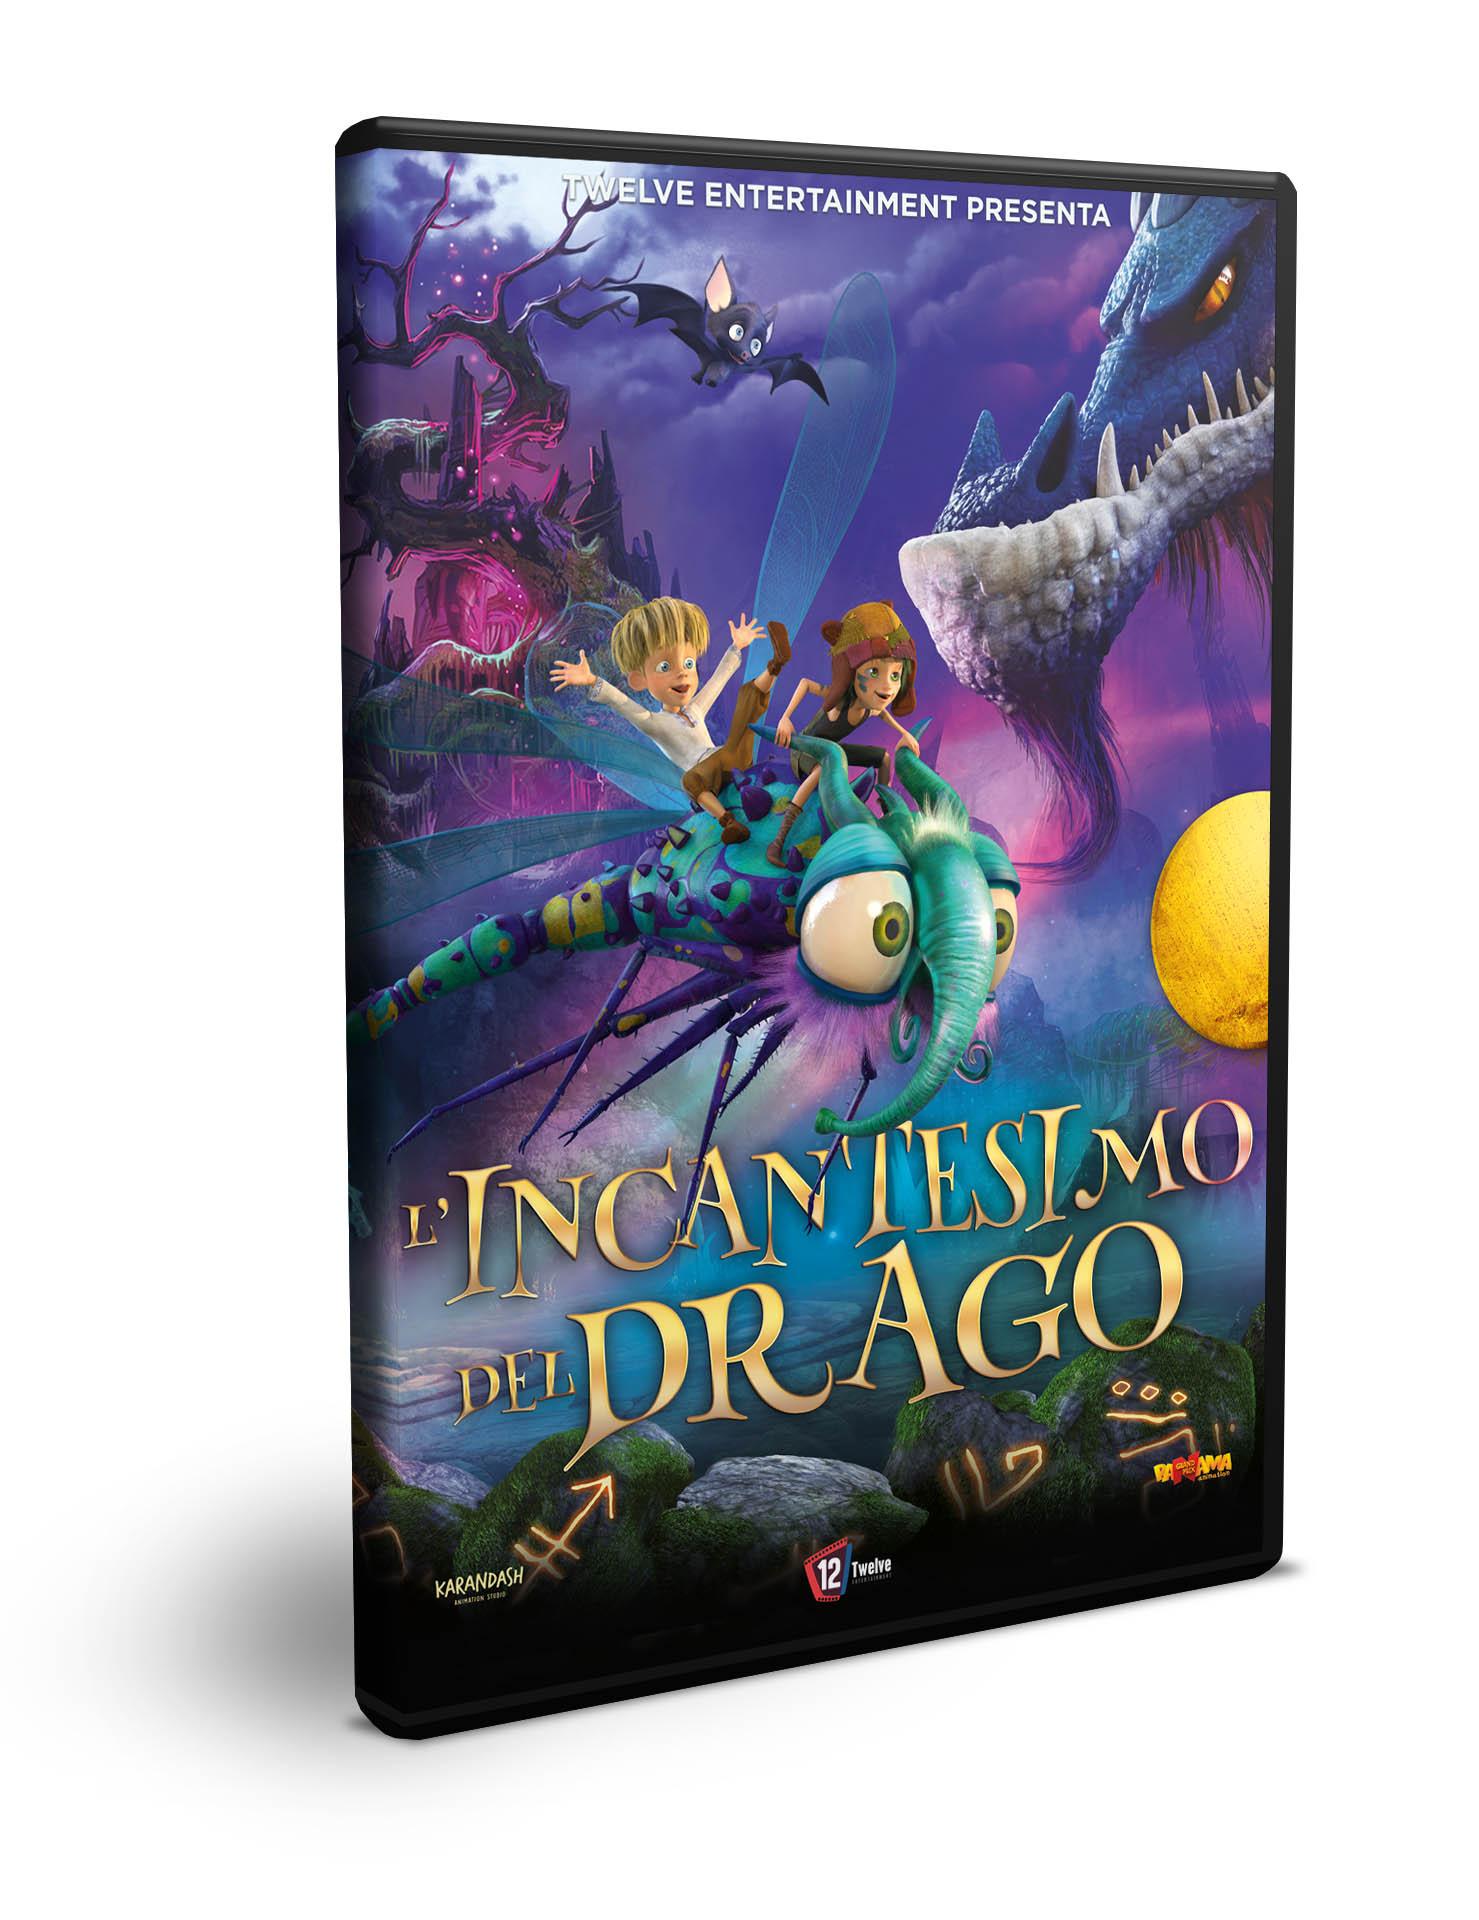 L'INCANTESIMO DEL DRAGO (DVD)